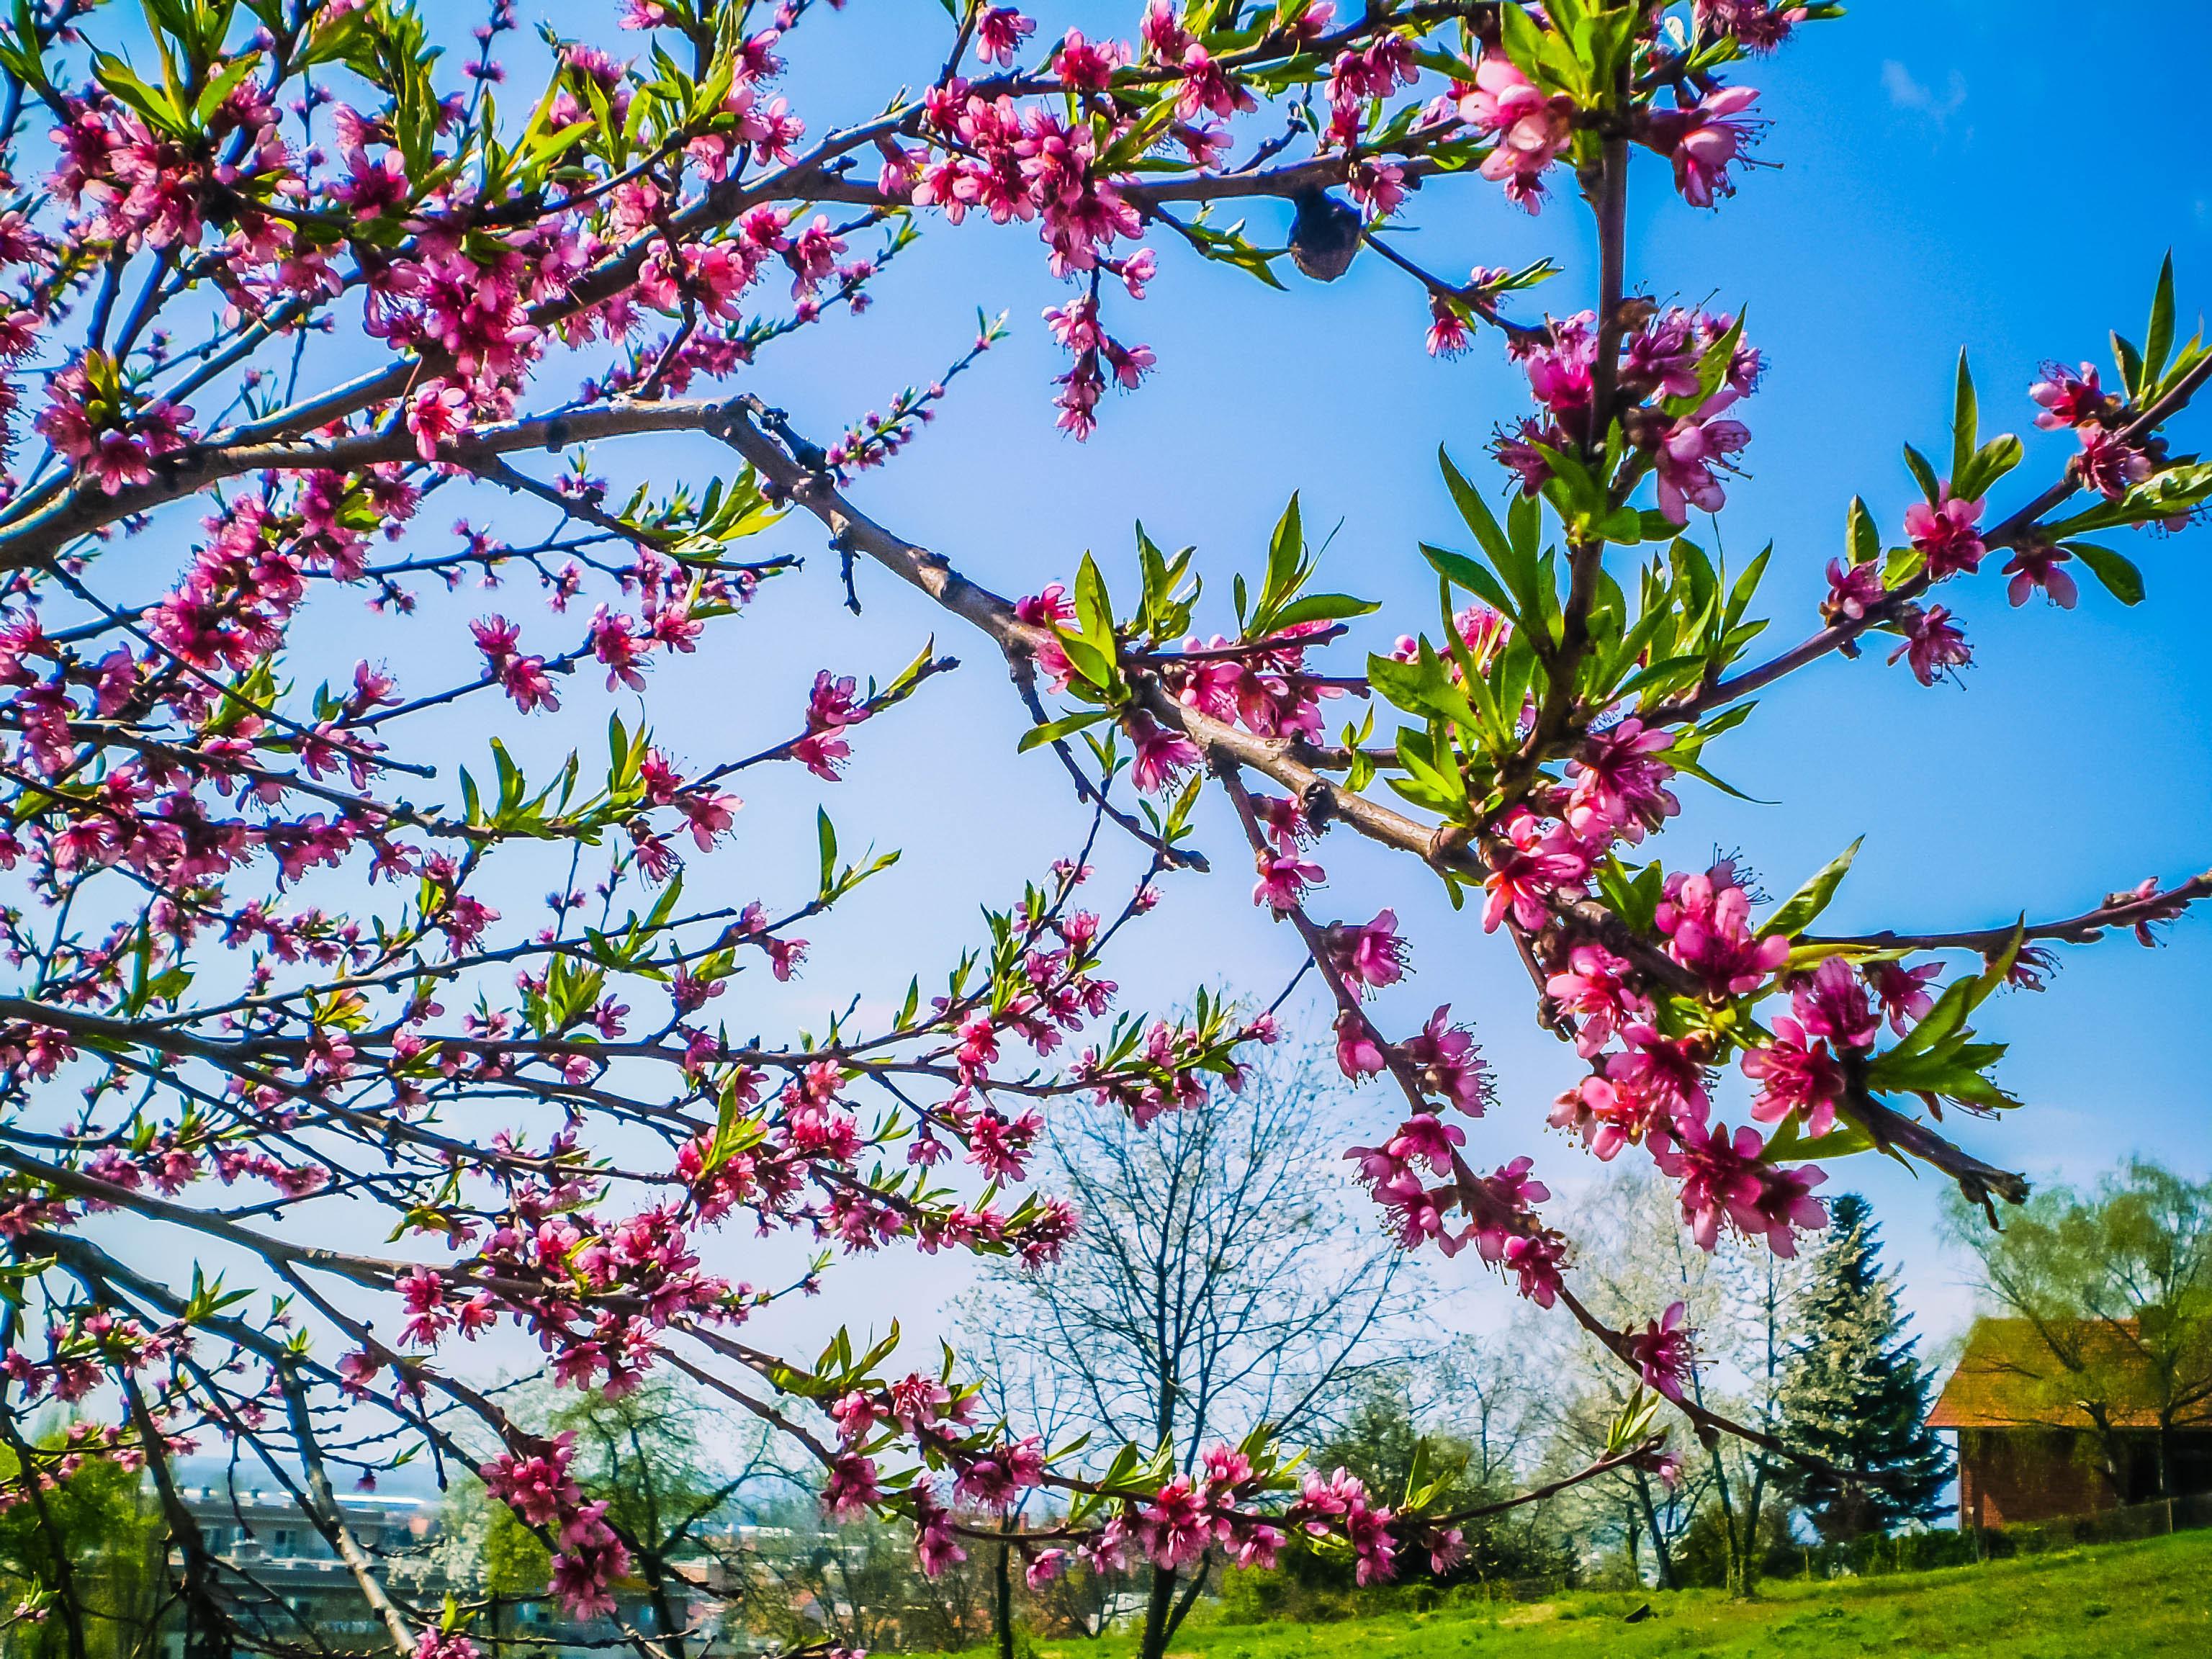 Когда-нибудь мы станем цветами: шведские ученые создали новый метод захоронения умерших.Вокруг Света. Украина